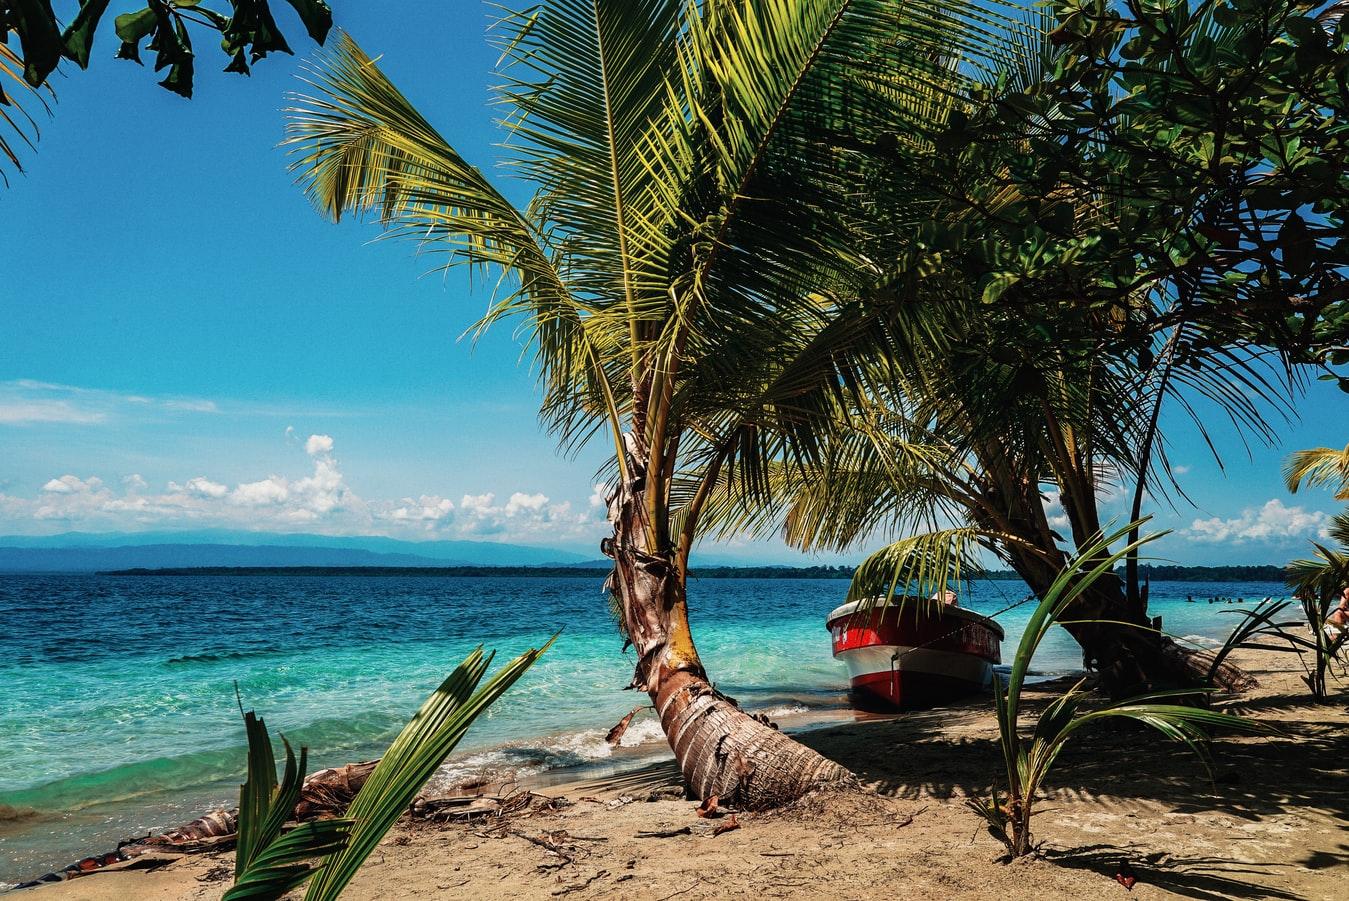 Auslandspraktikum in Panama - Boqua del Toro